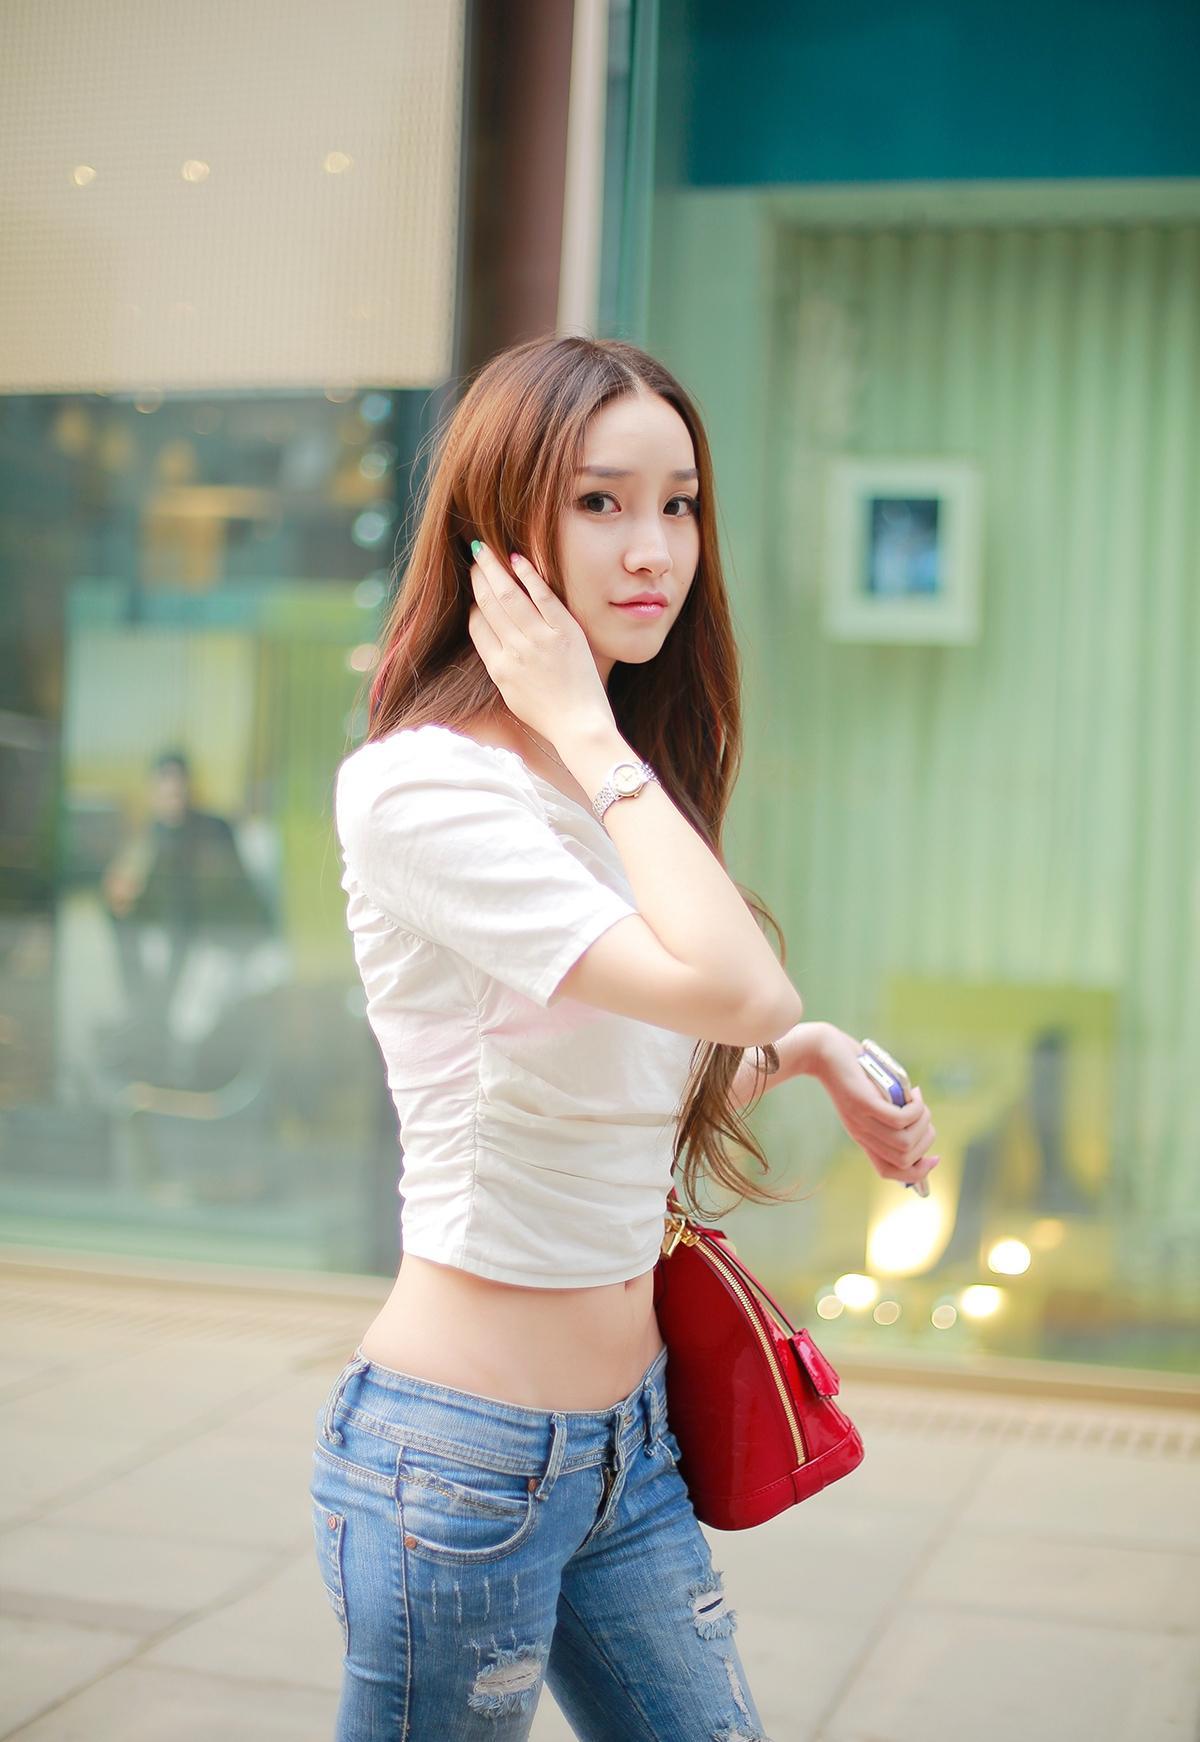 众人牛仔裤气质肤白貌美,蛮腰小露美煞美女美女200图片